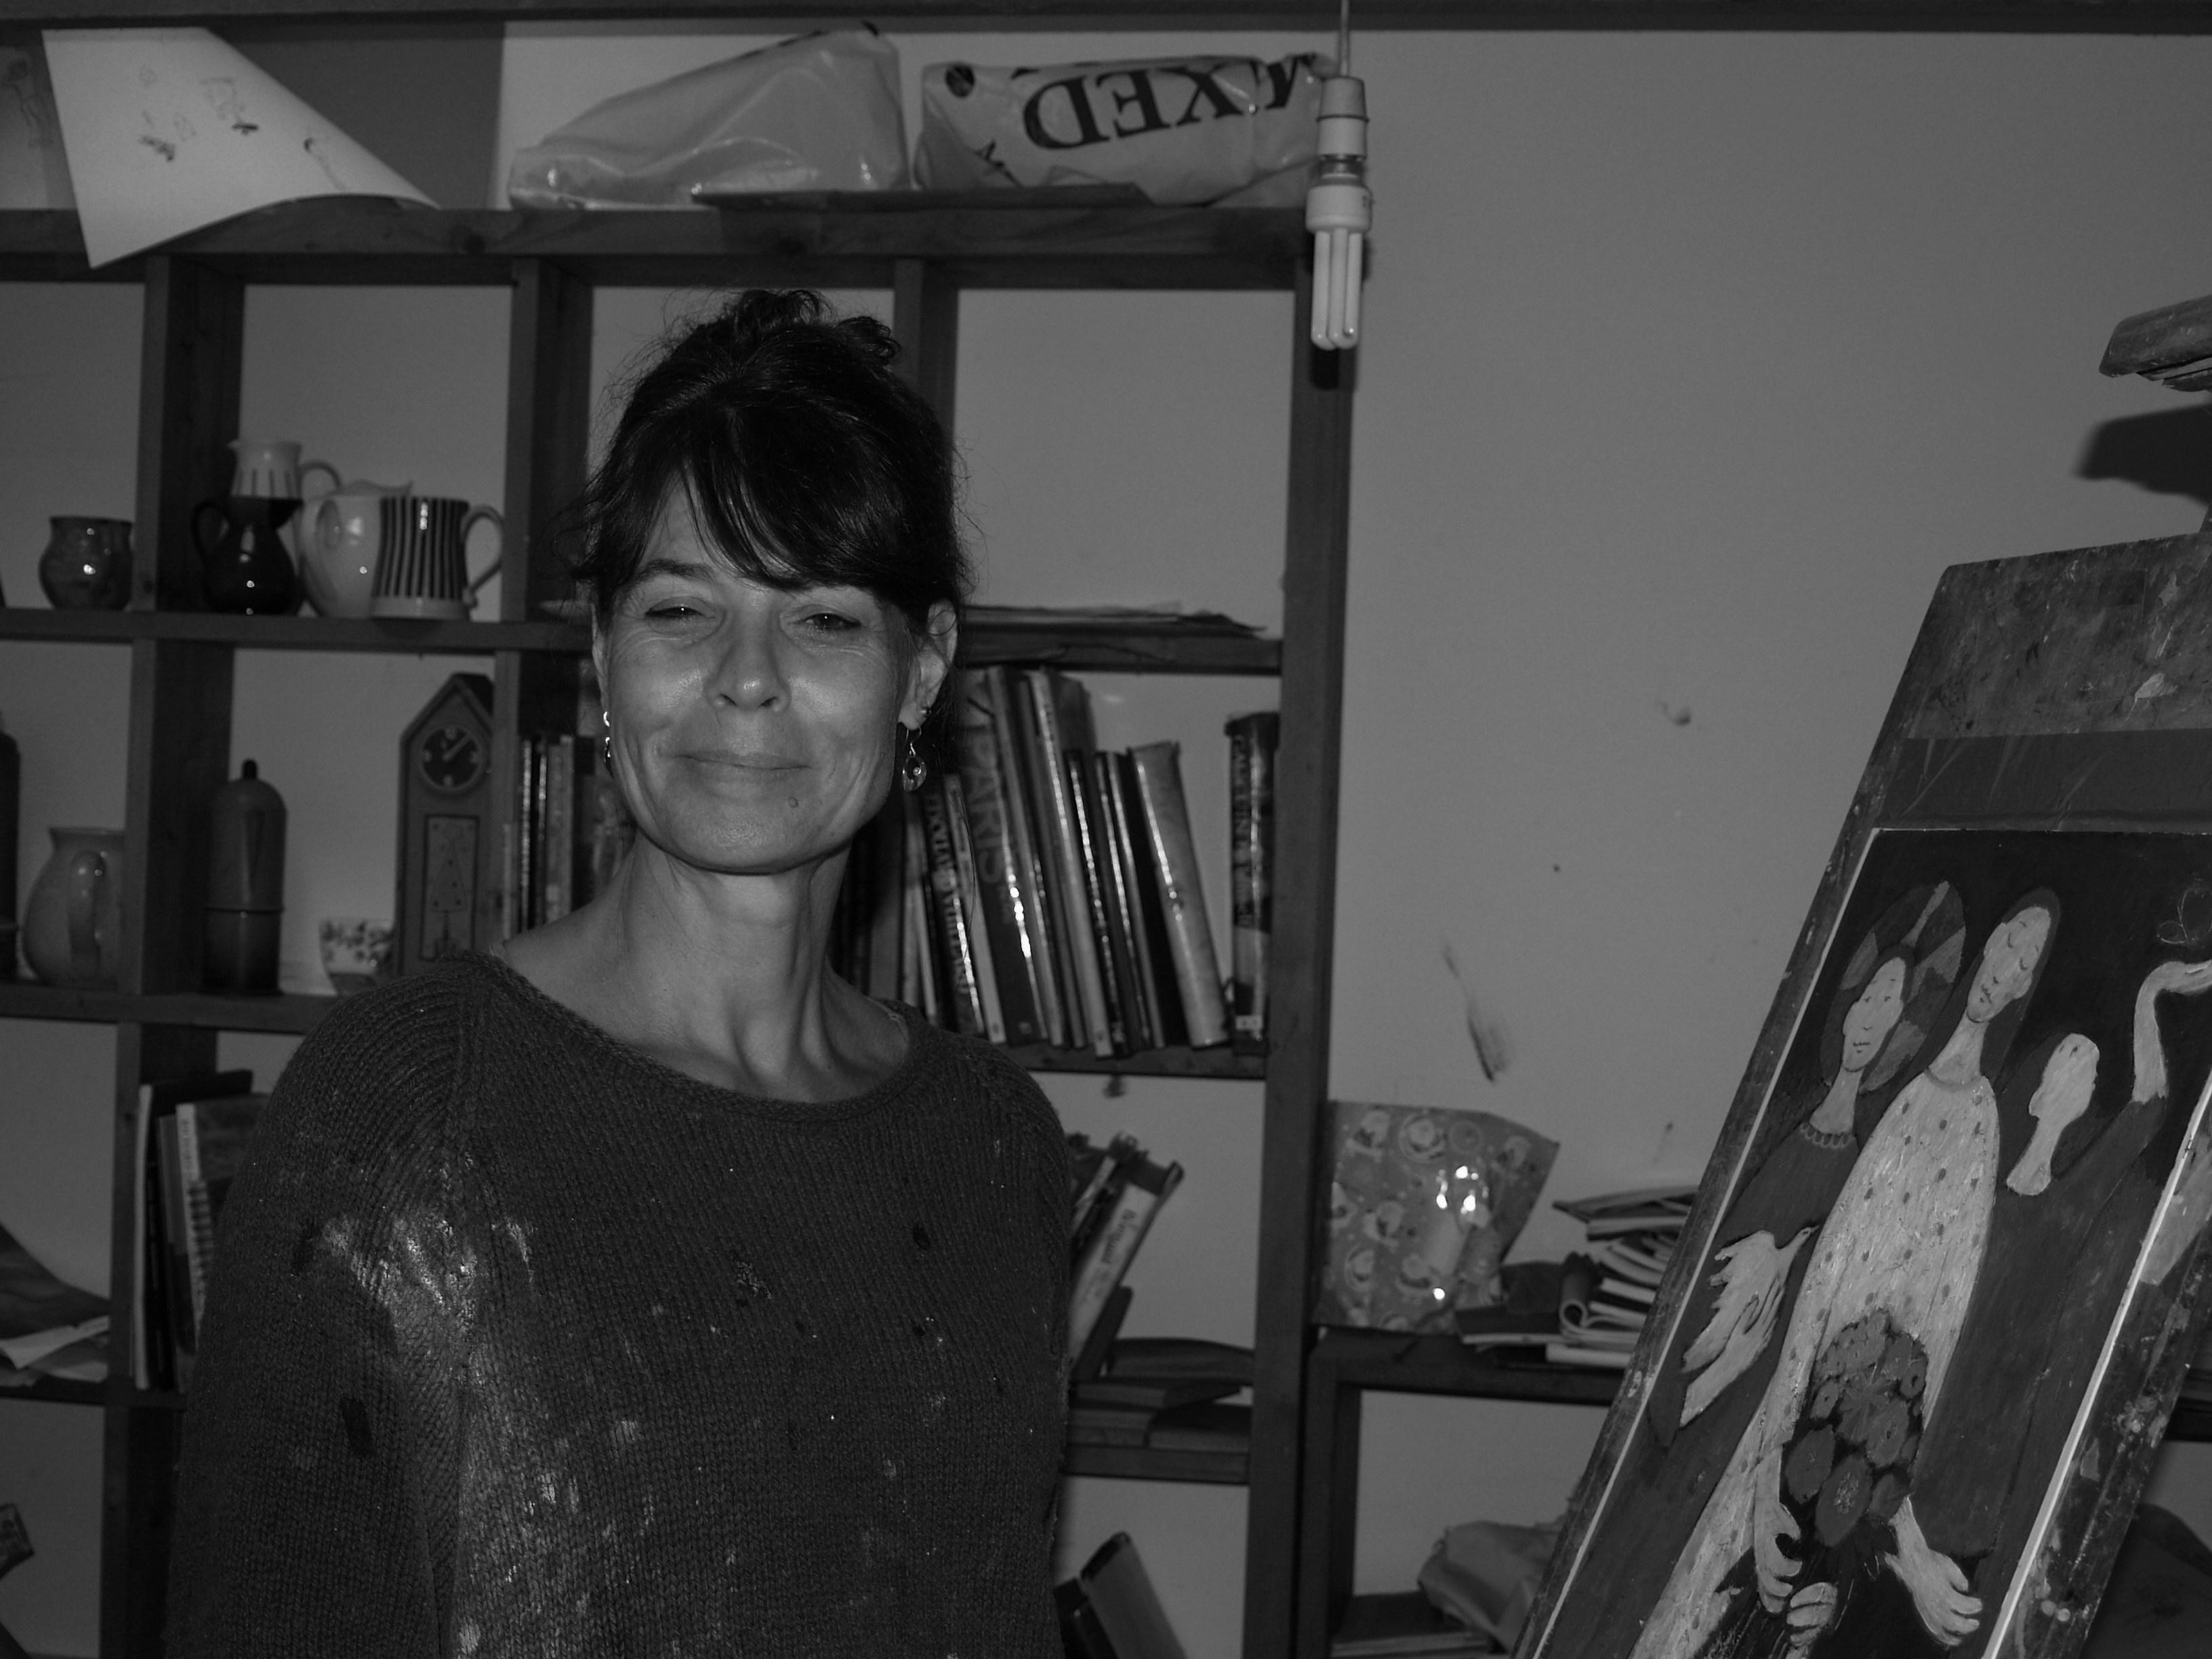 Cathy Tyson (born 1965) Cathy Tyson (born 1965) new images